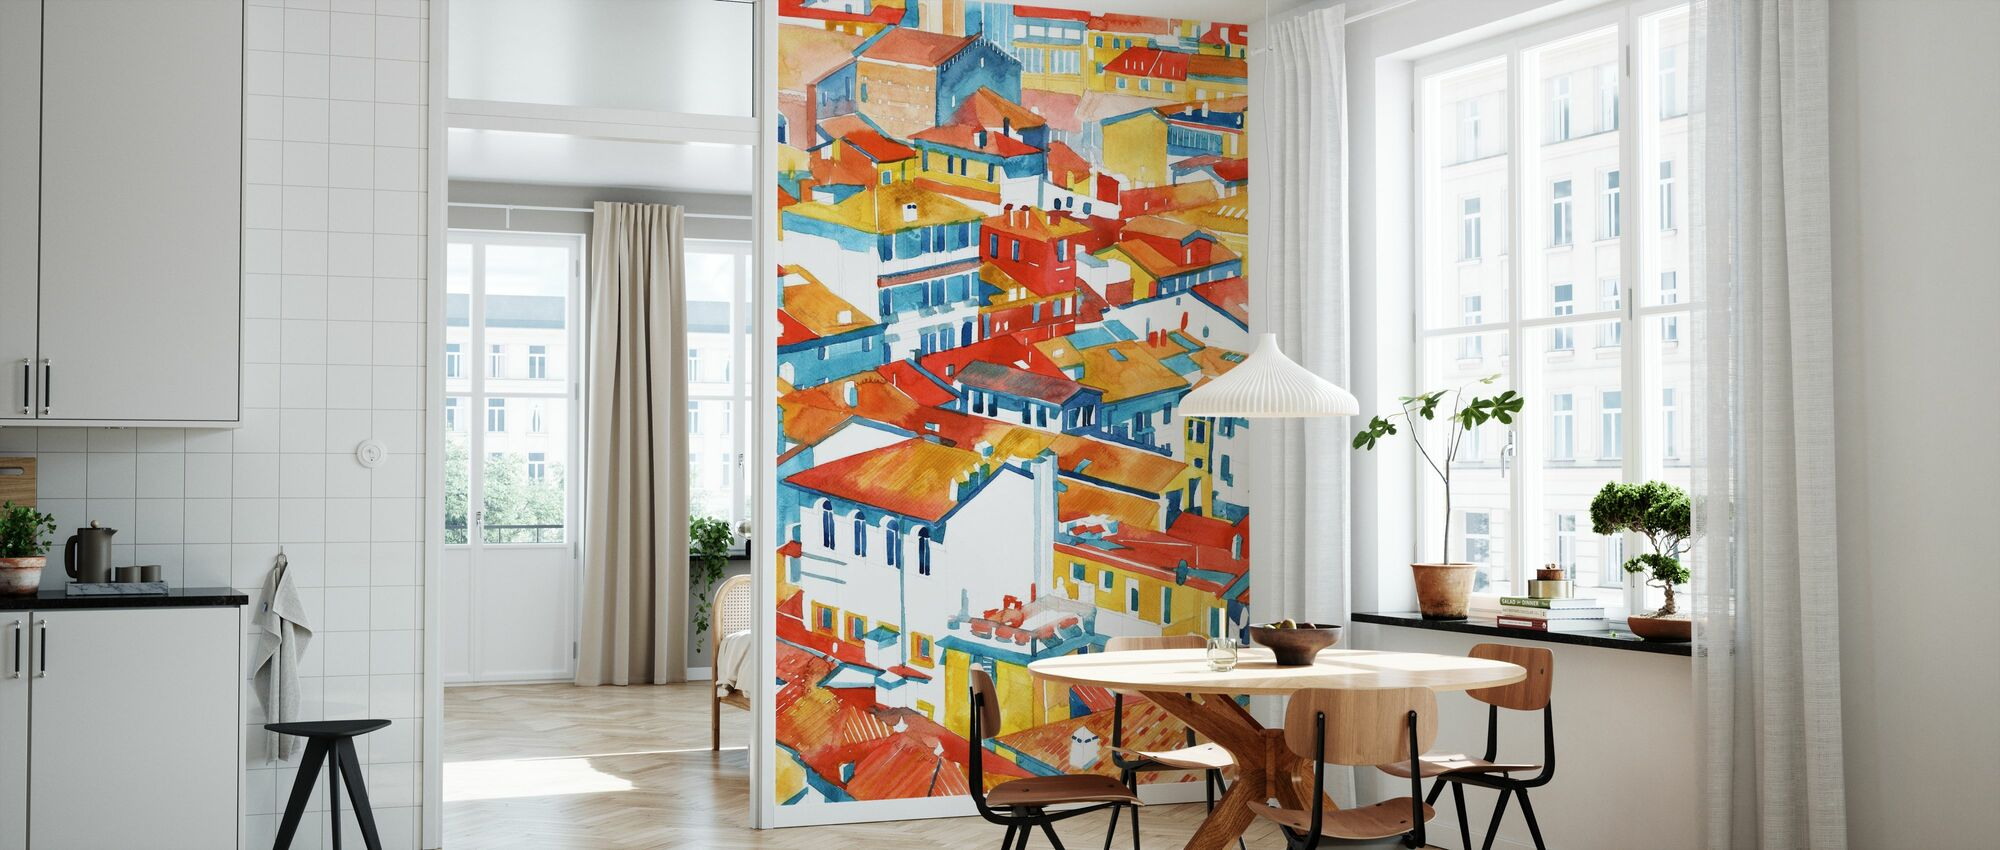 Verona Buildings - Wallpaper - Kitchen